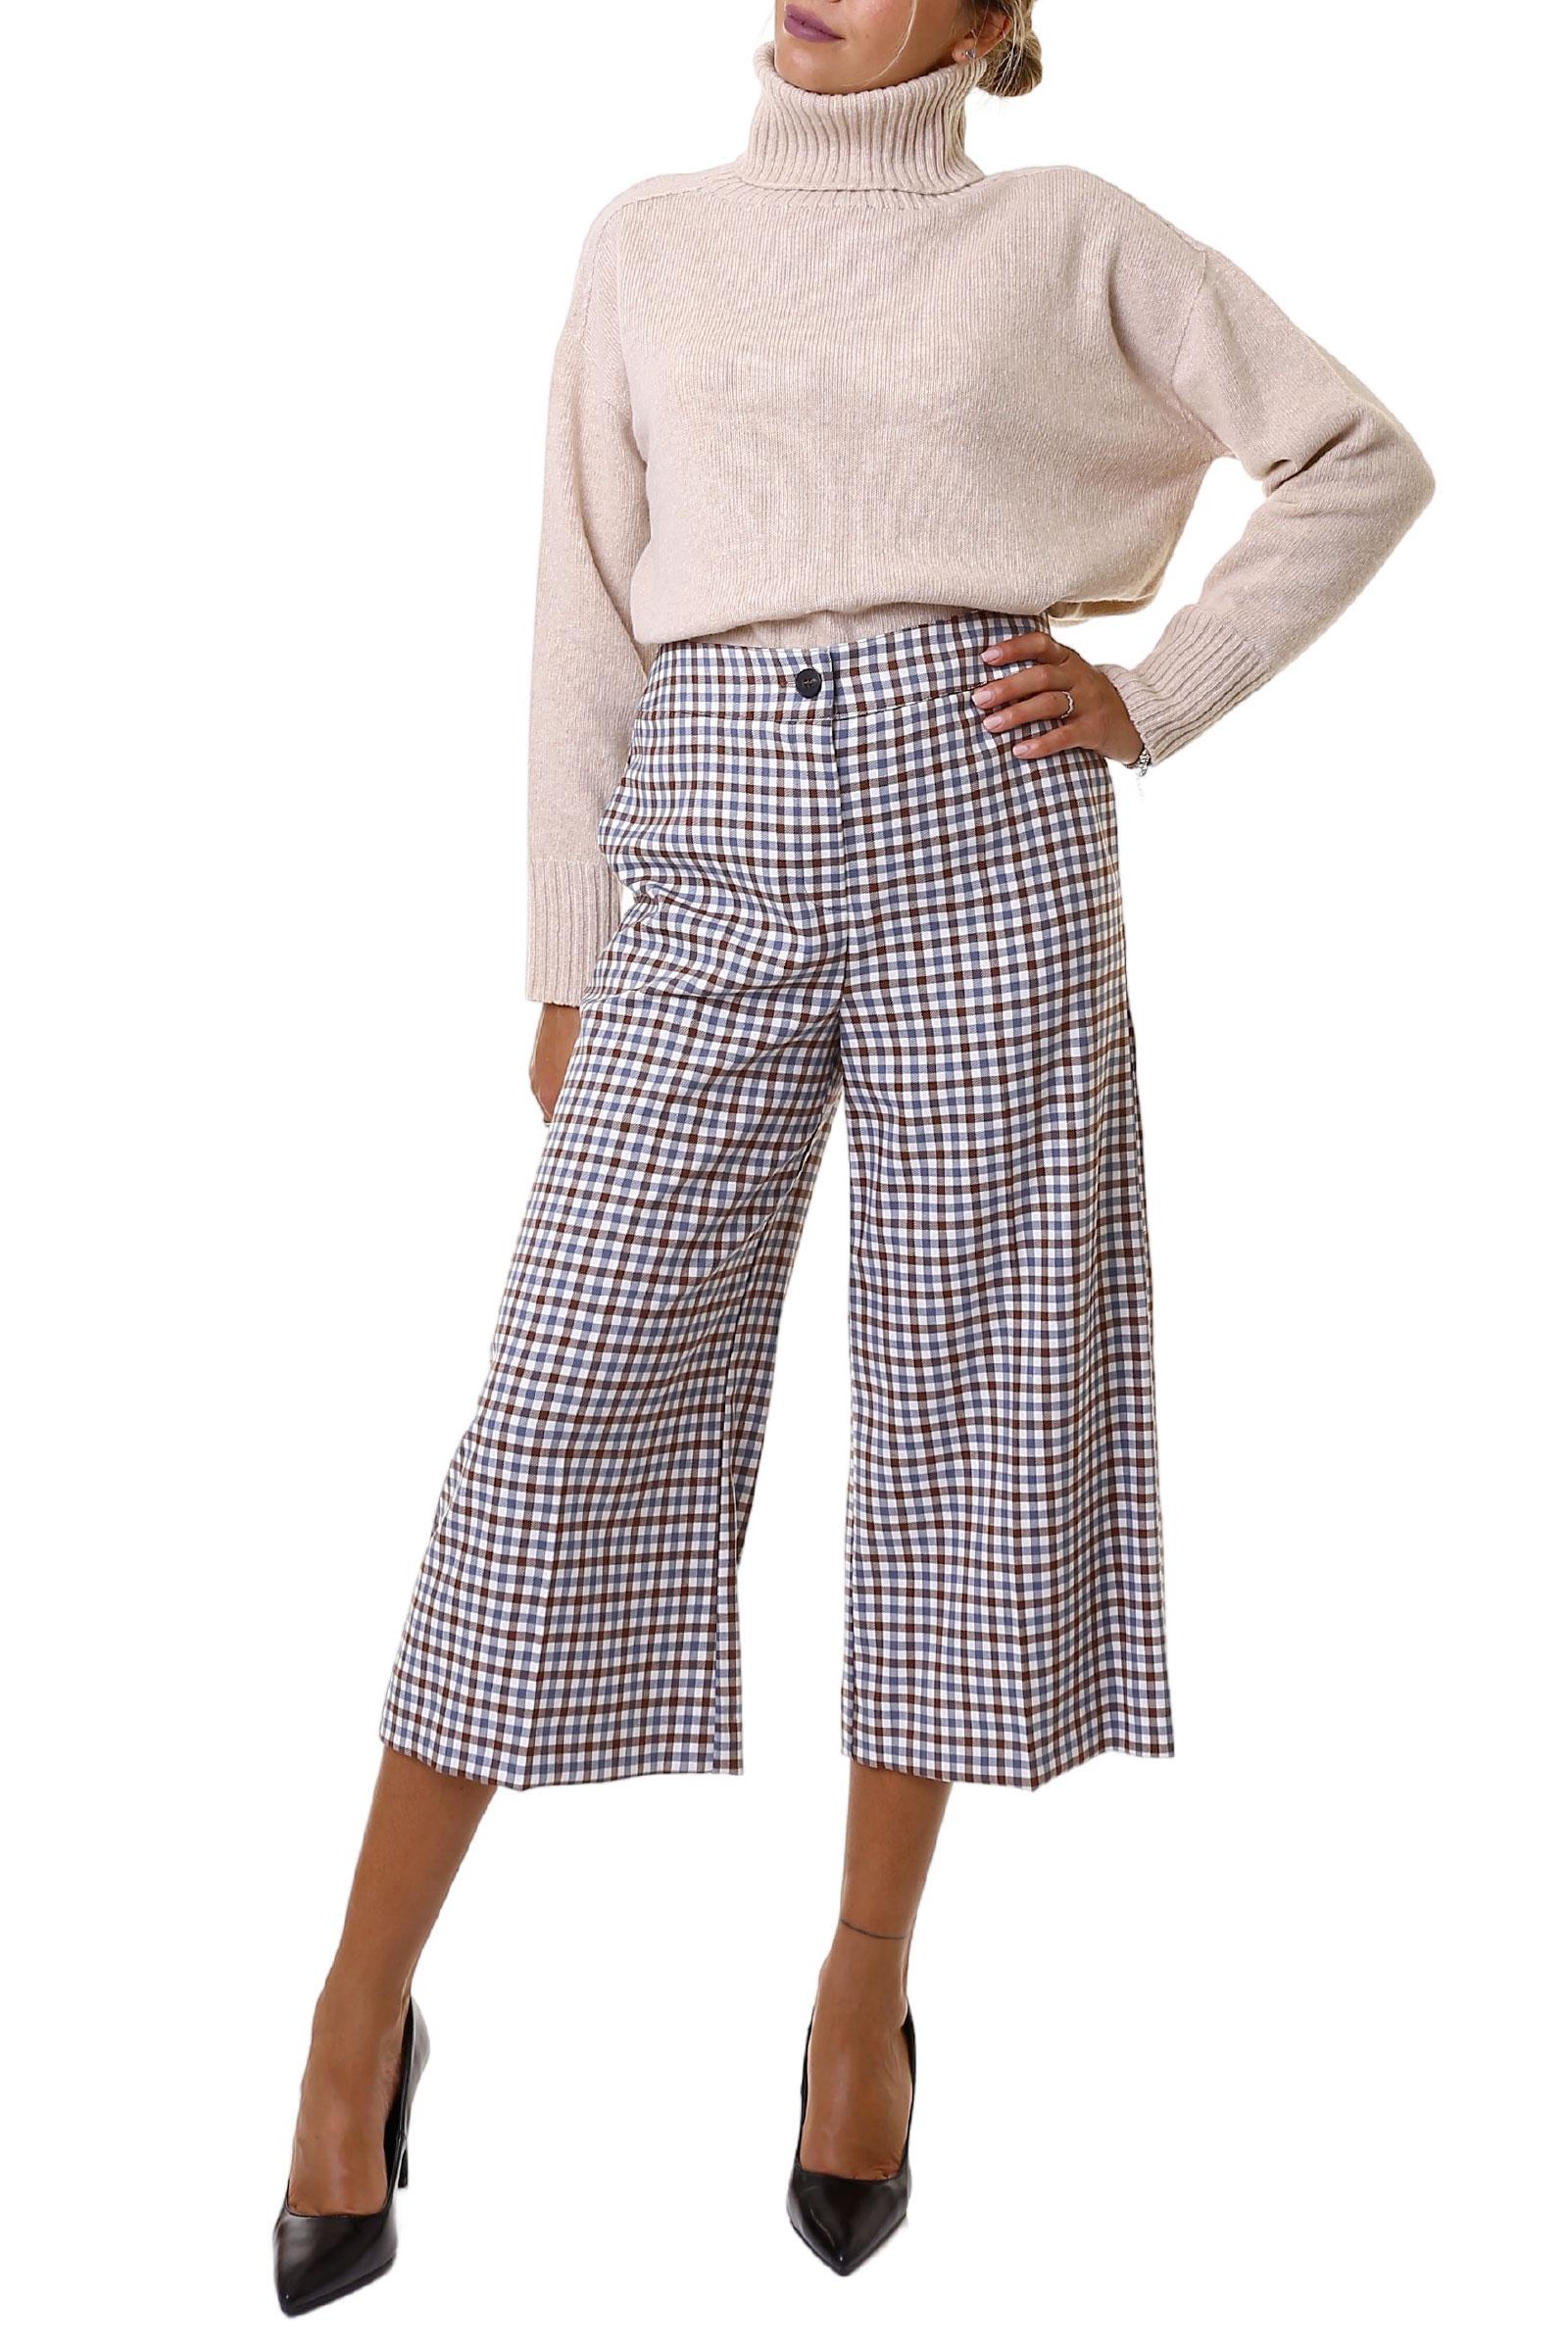 Pantalone Donna Modello CONGO EMME MARELLA   Pantalone   51362619200001